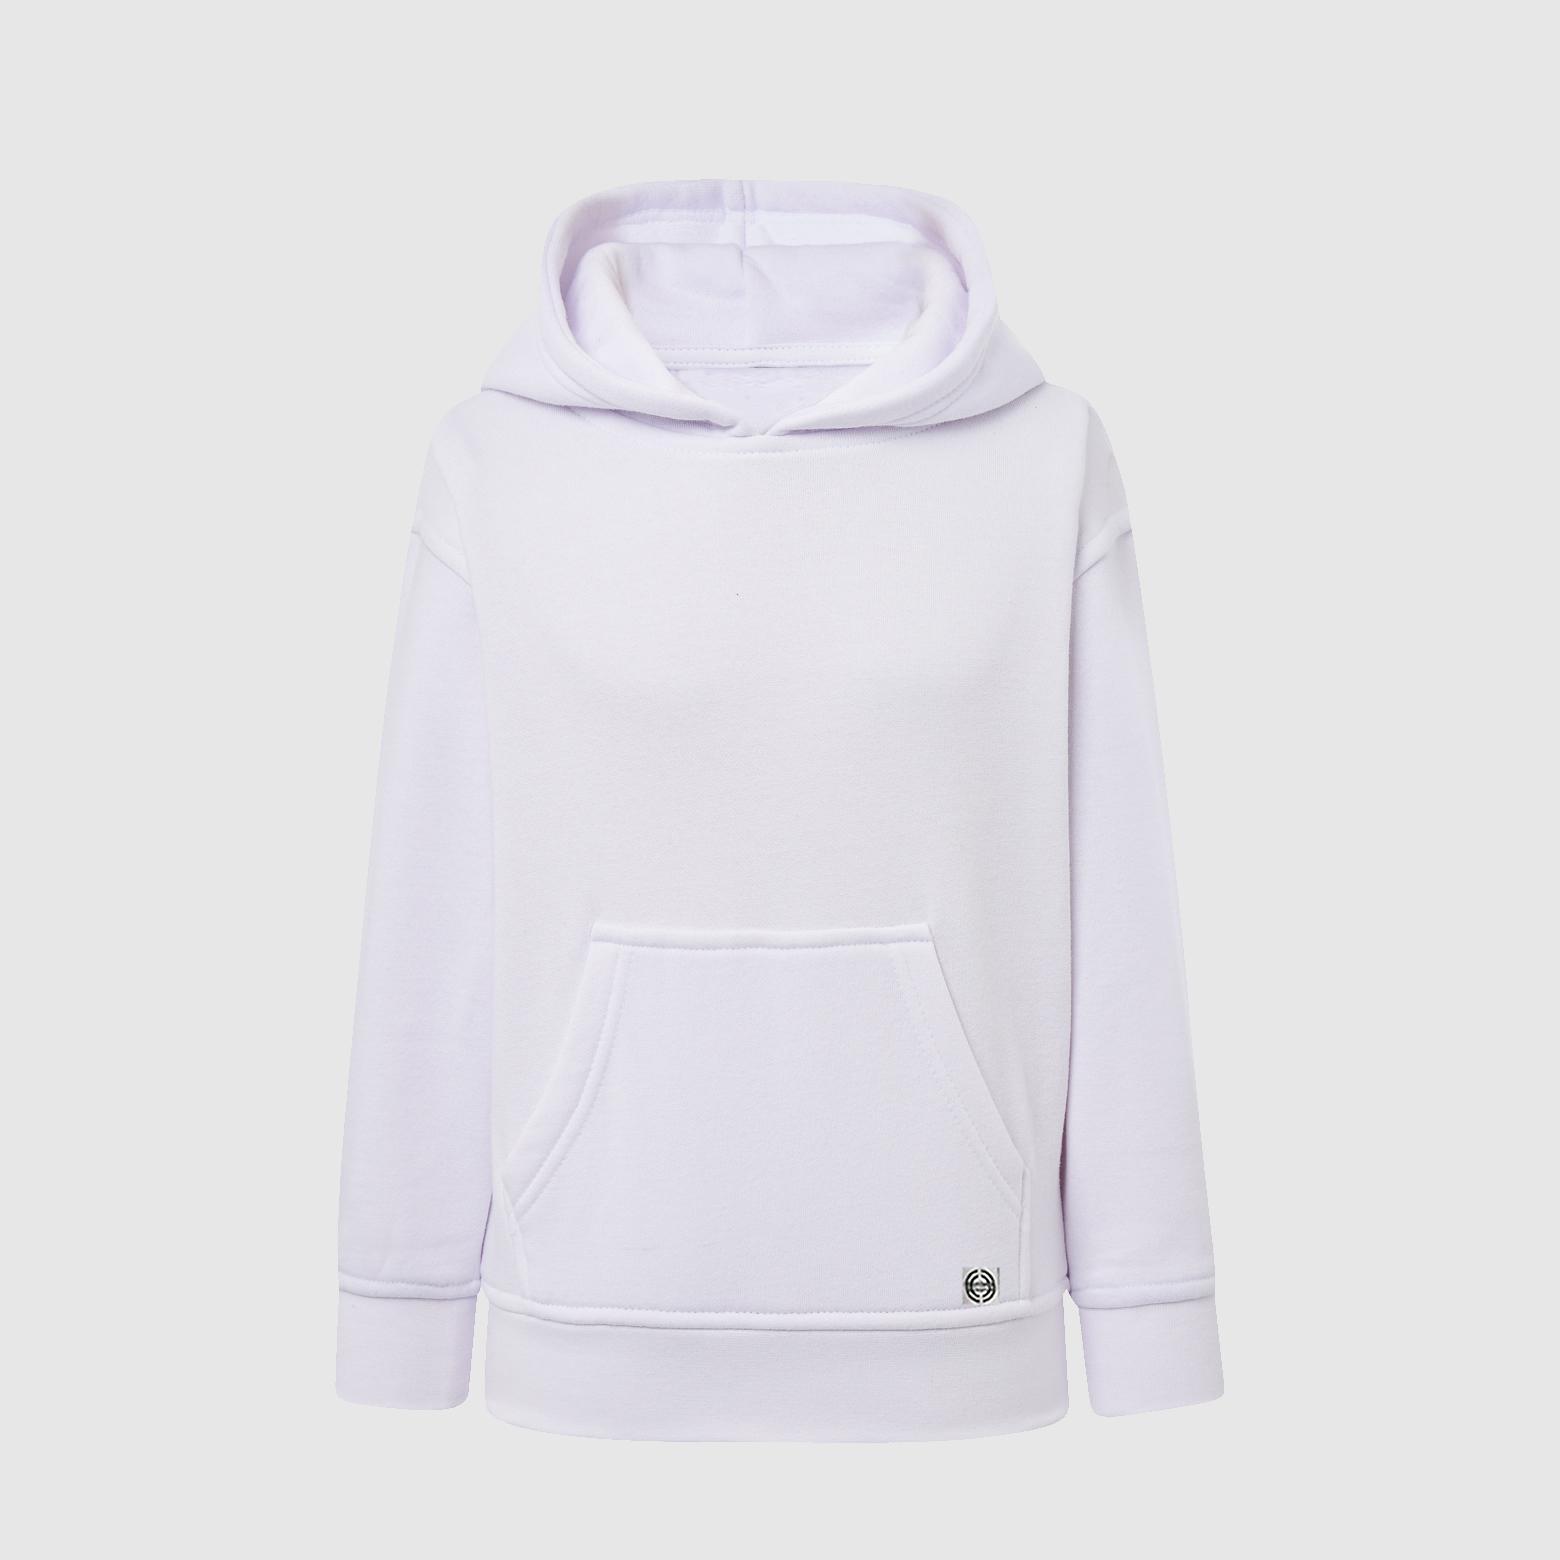 """Sudadera capucha clásica """"inicial pequeña"""" niñ@ color blanco"""